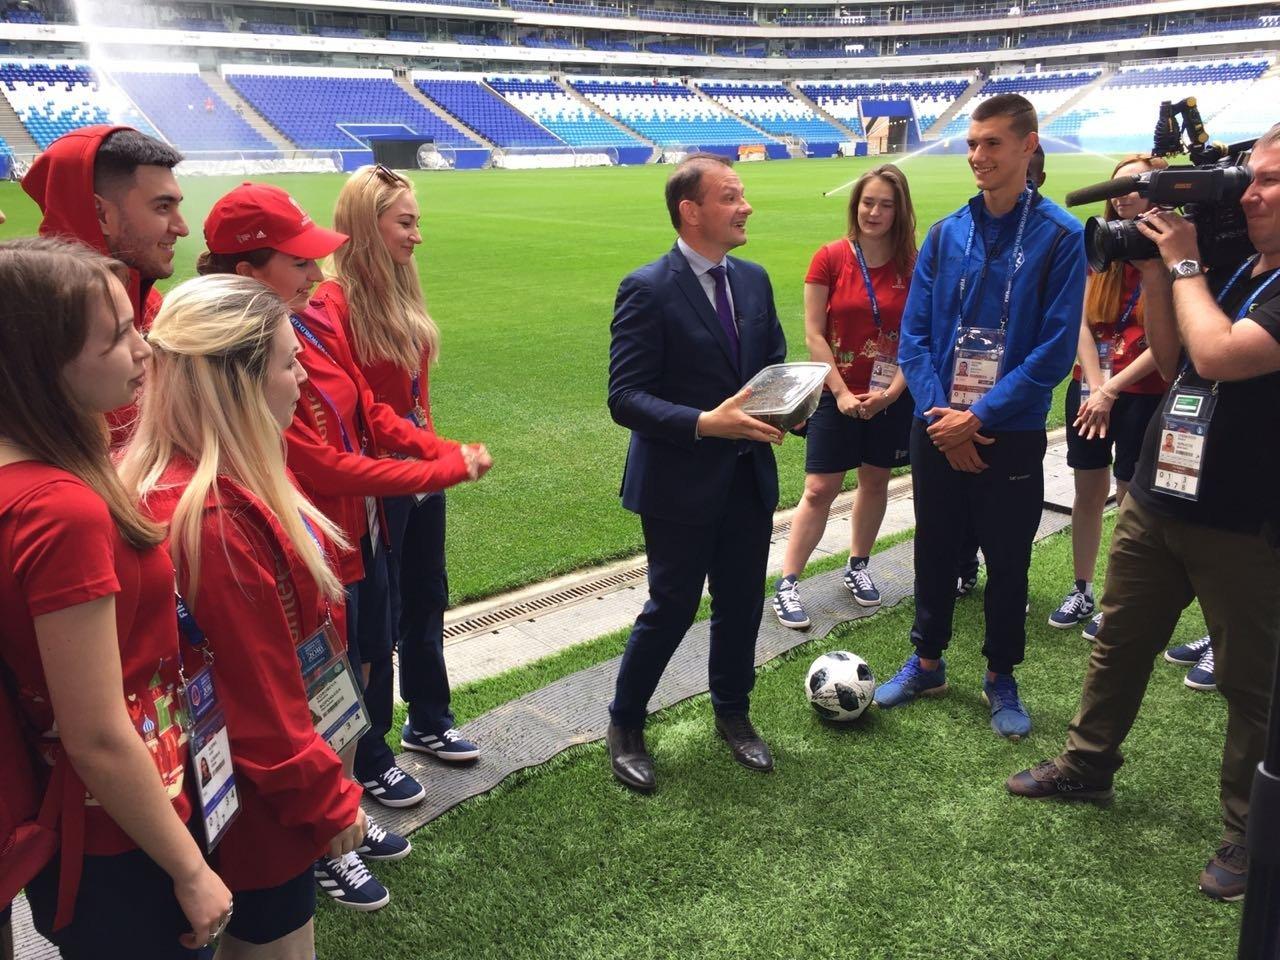 El presidente del Instituto Bering Bellingshausen para las Américas, Sergey Brilev, entrega a la joven promesa del fútbol ruso Nikita Kotin el pasto del Estadio Centenario de Montevideo para el Cosmos Arena de Samara.